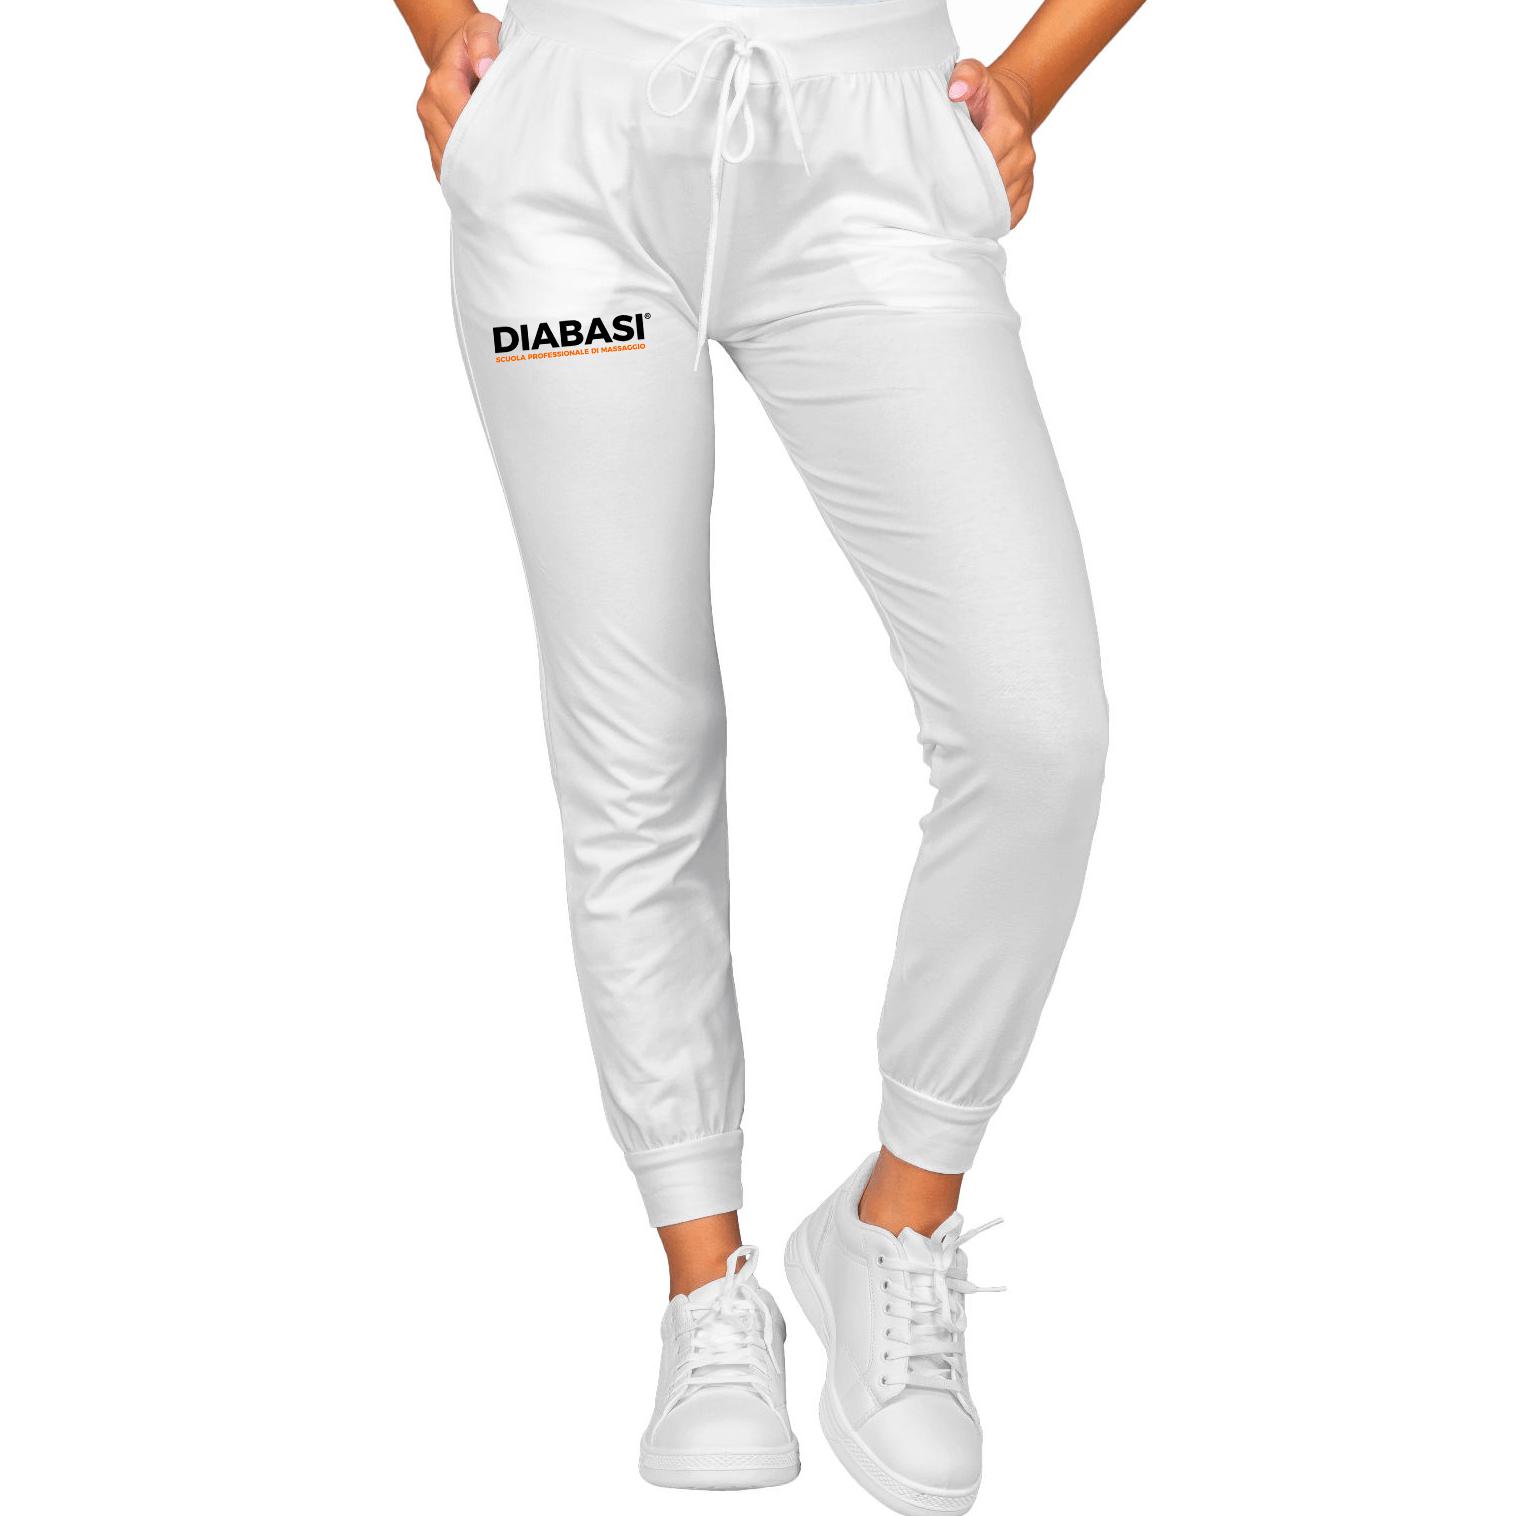 Pantalone Olimpia UNISEX